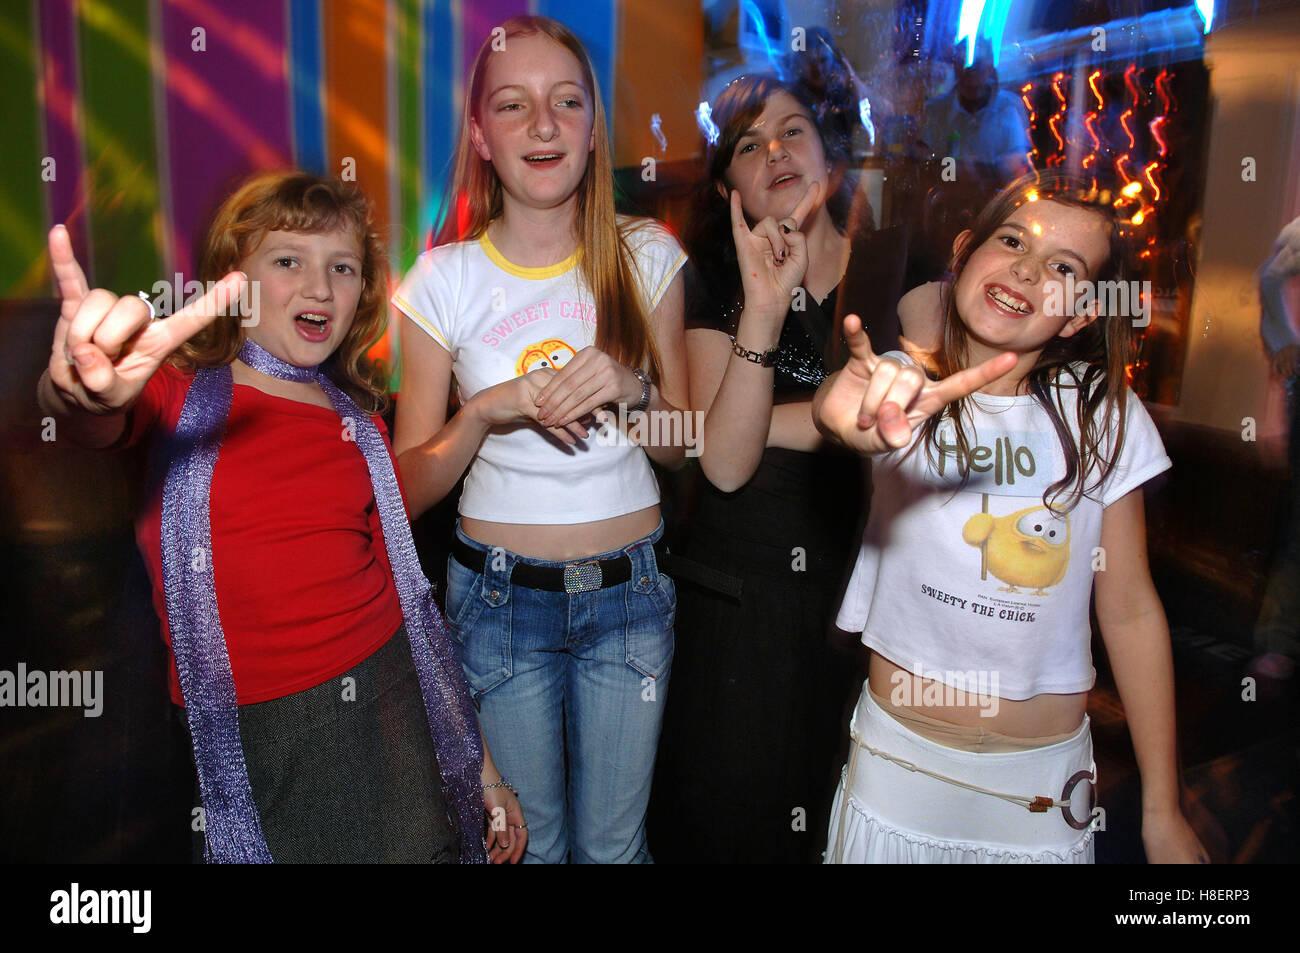 Le ragazze adolescenti Ballare in discoteca per i giovani.Un REGNO UNITO Immagini Stock